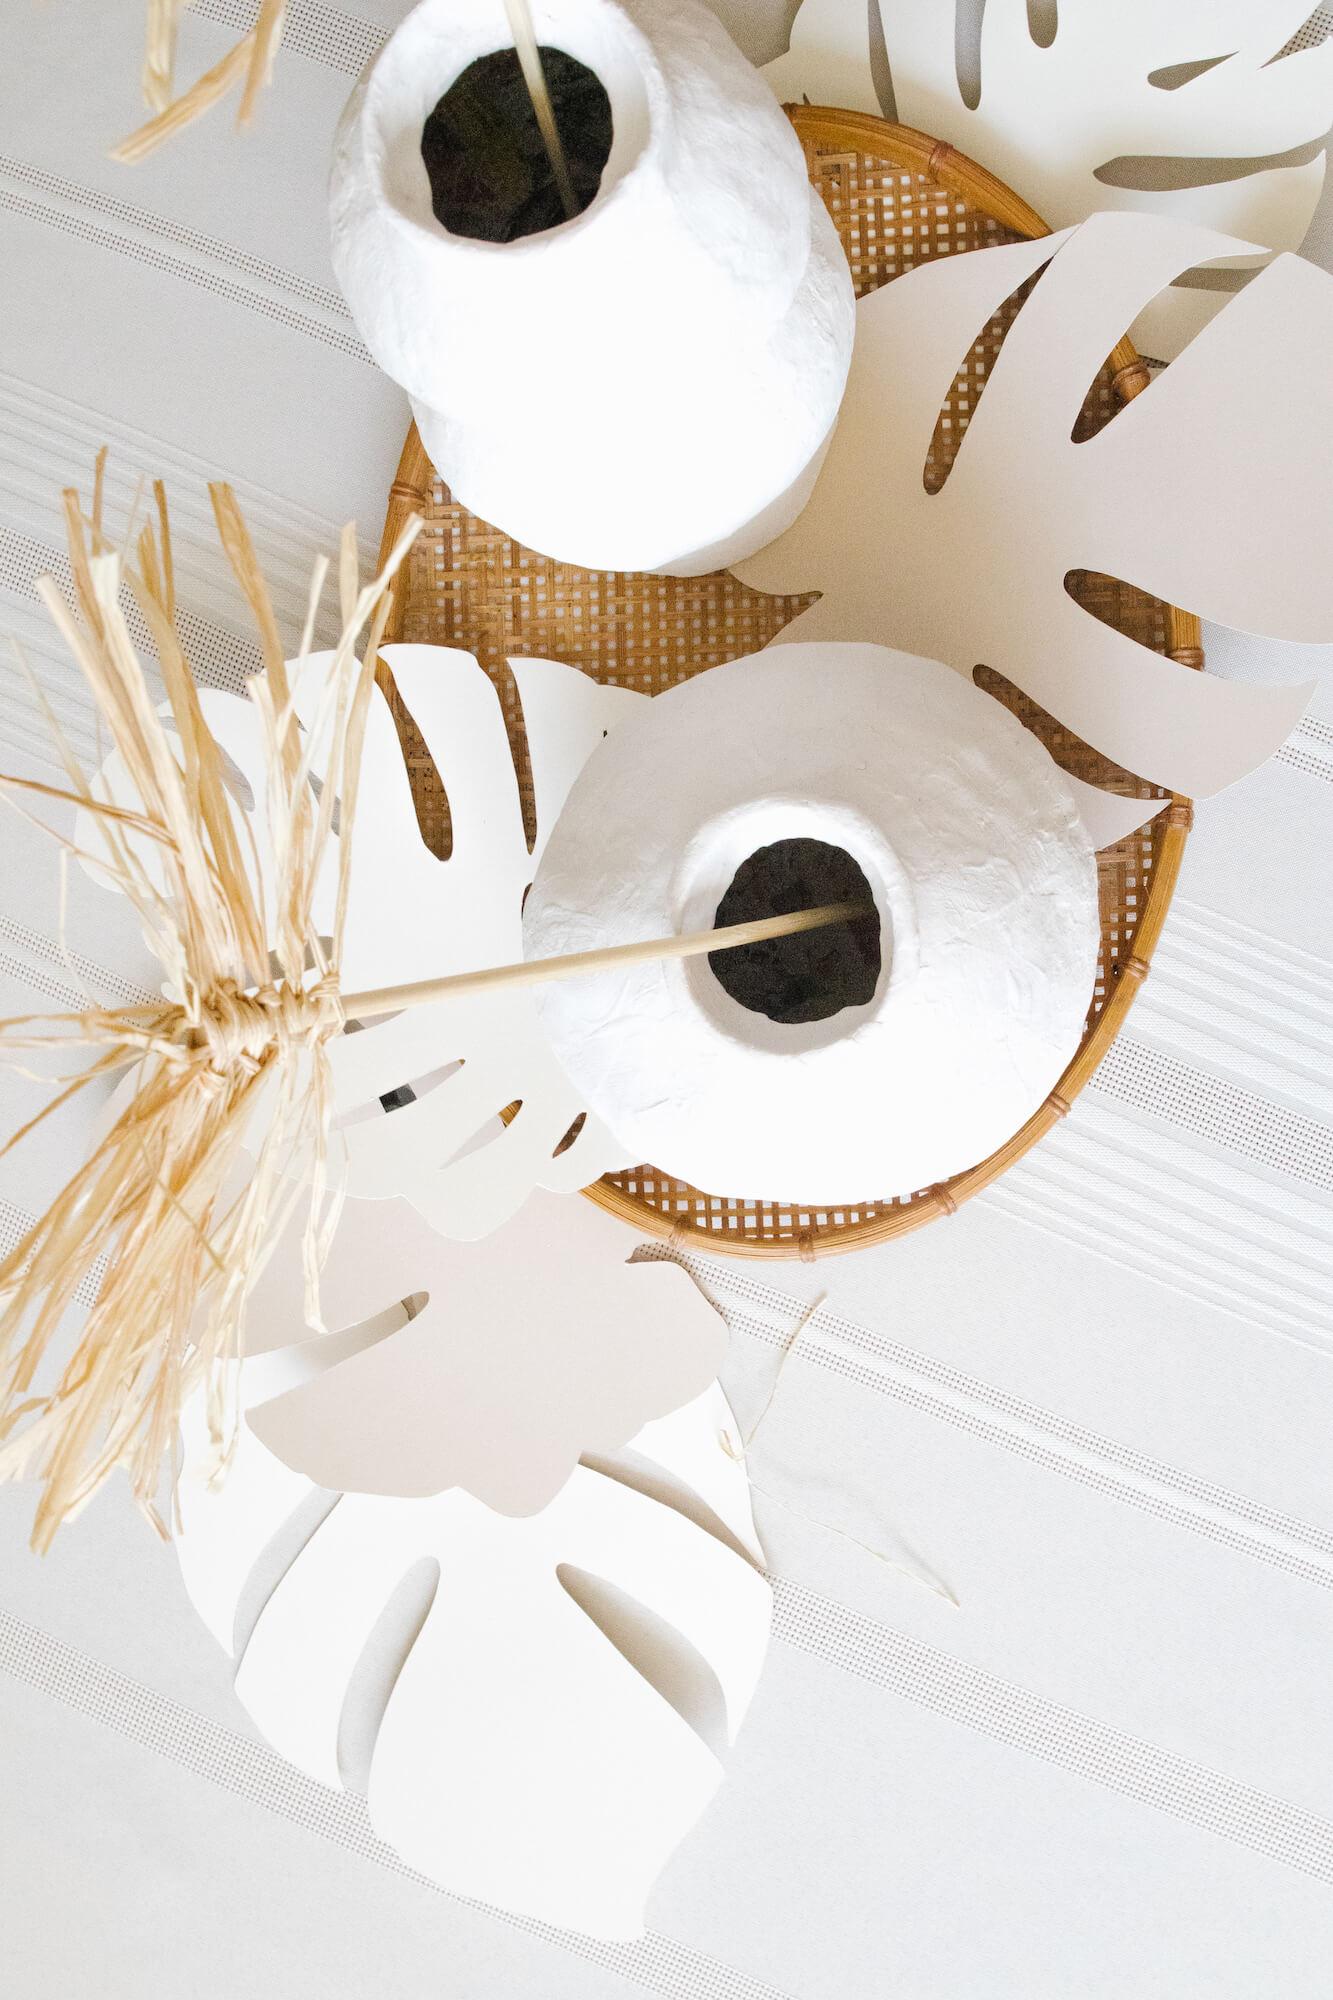 Cricut photo to SVG